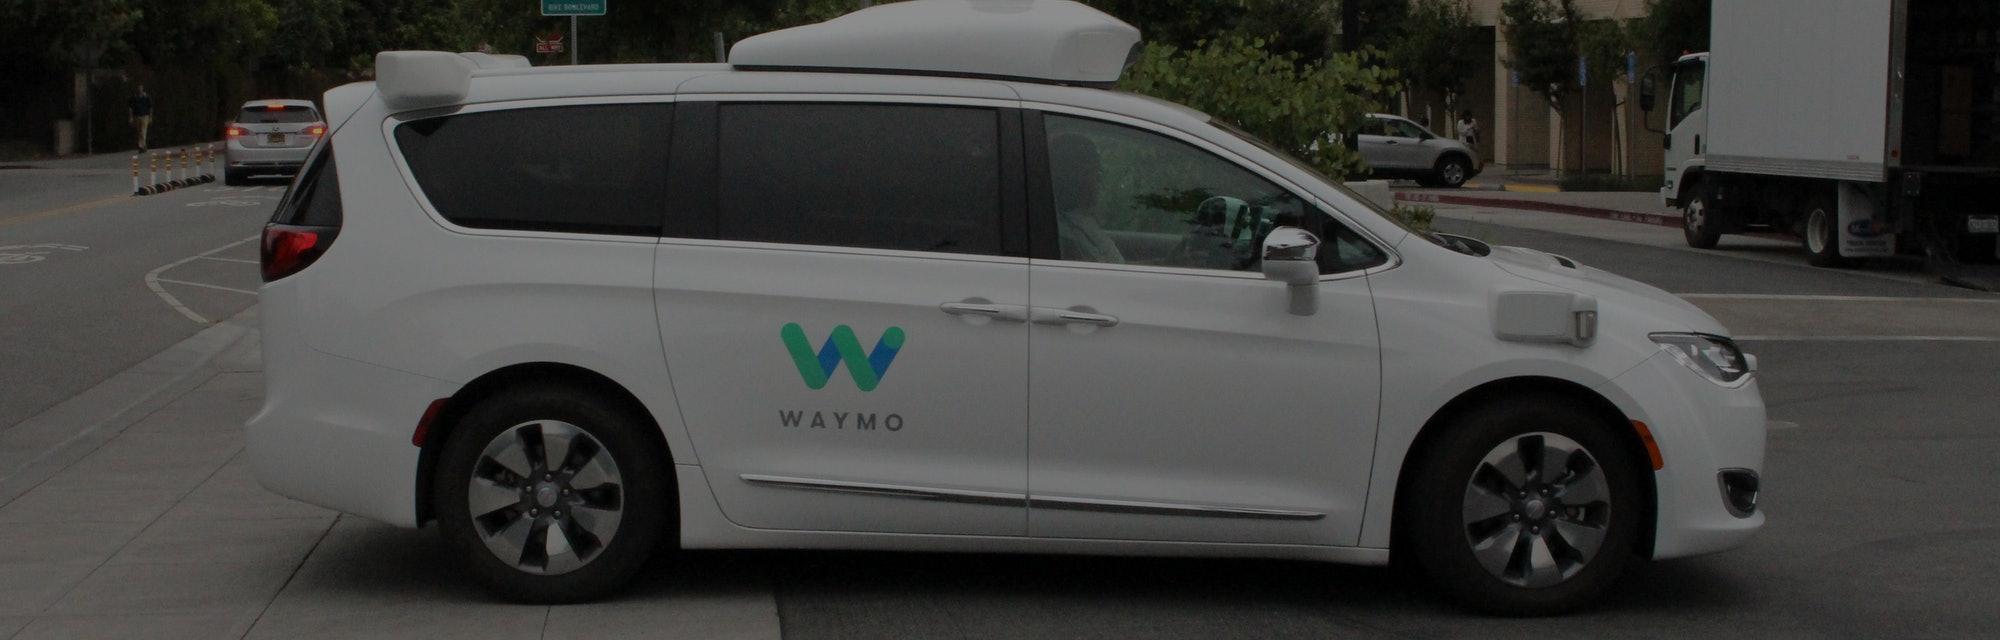 A Waymo autonomous van entering a parking lot.